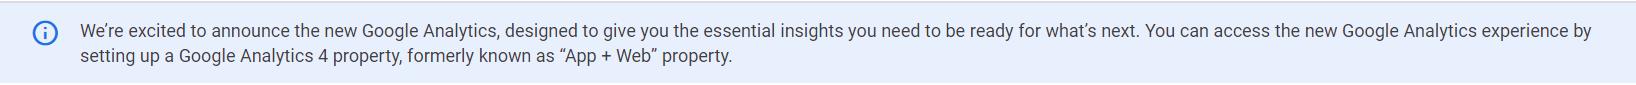 Предупреждение от Google о выходе Google Analytics 4